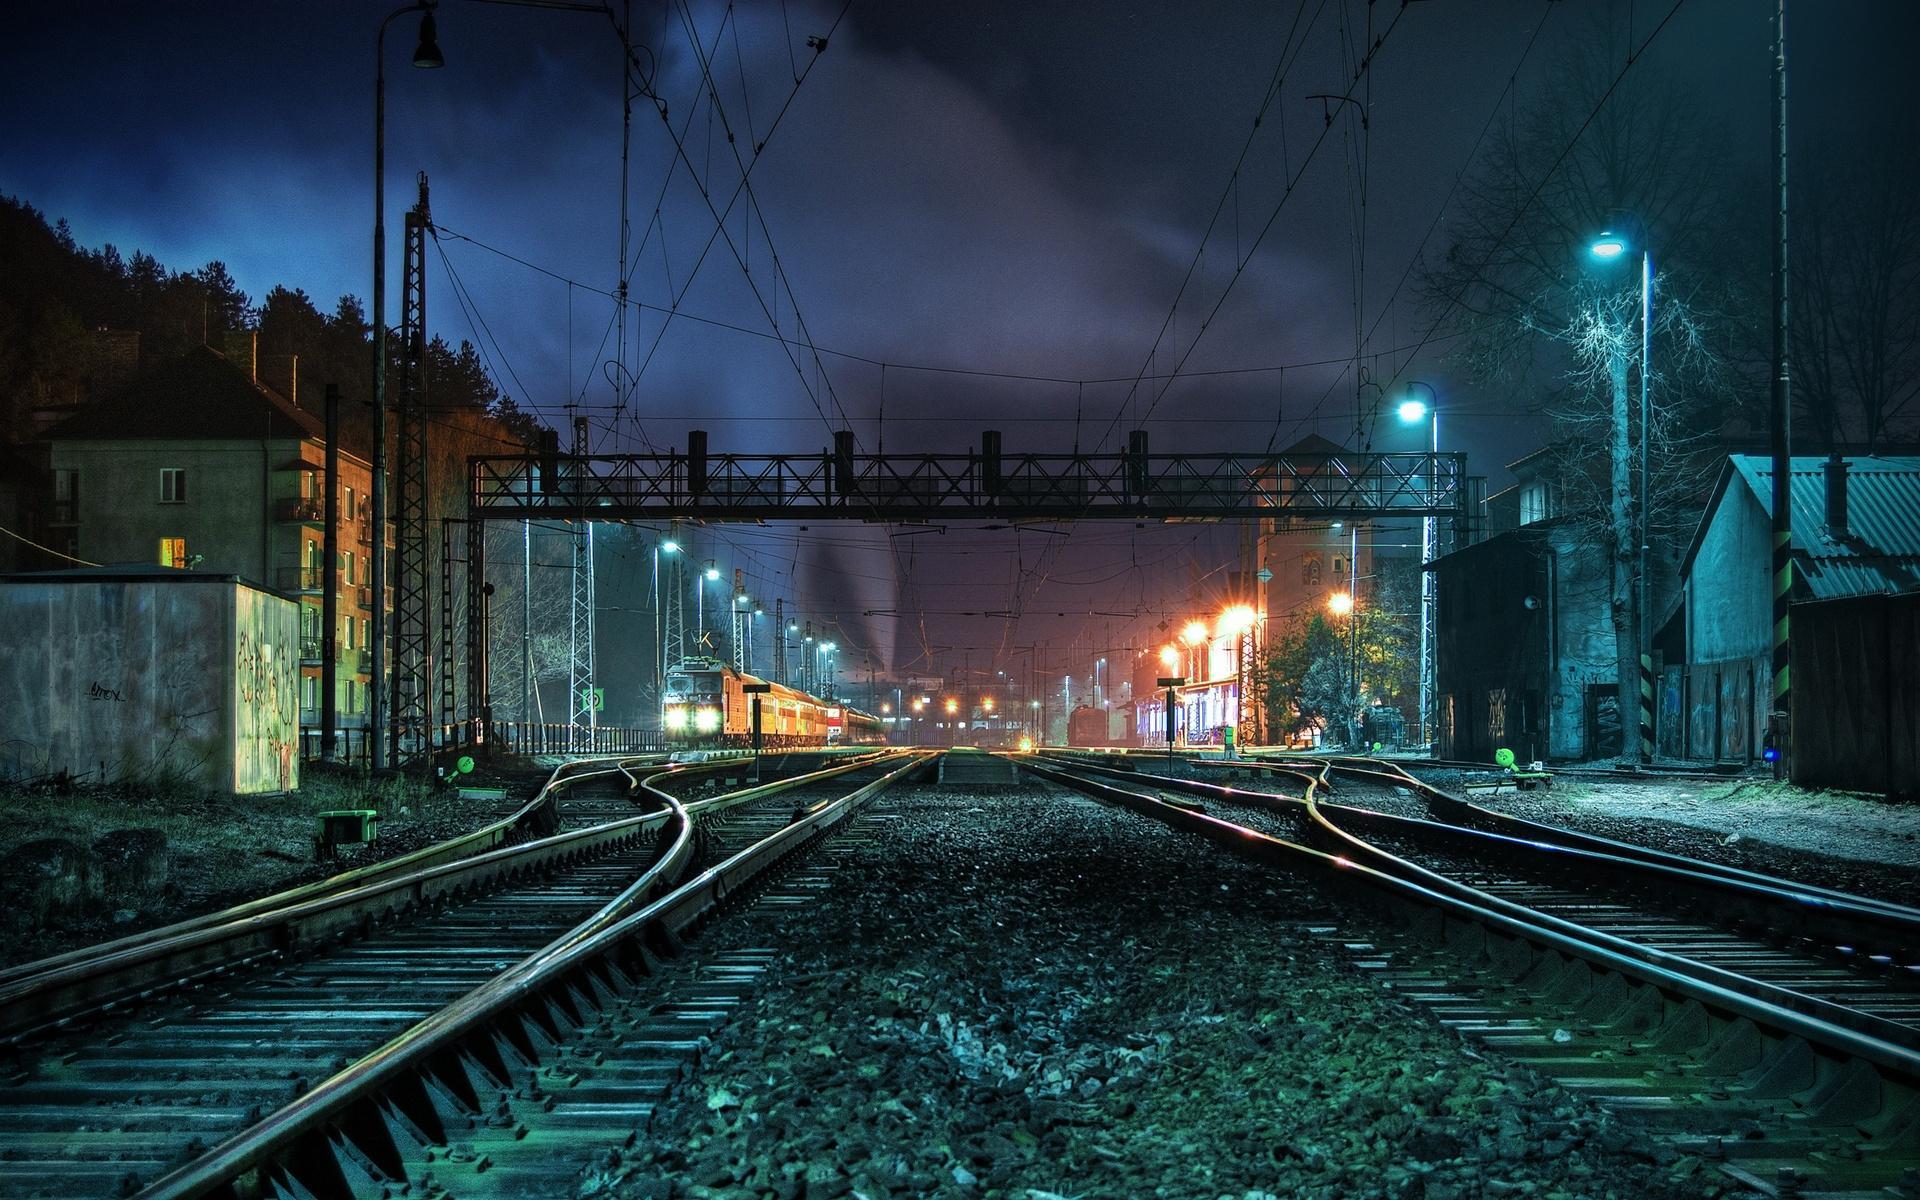 Чешку в поезде 13 фотография